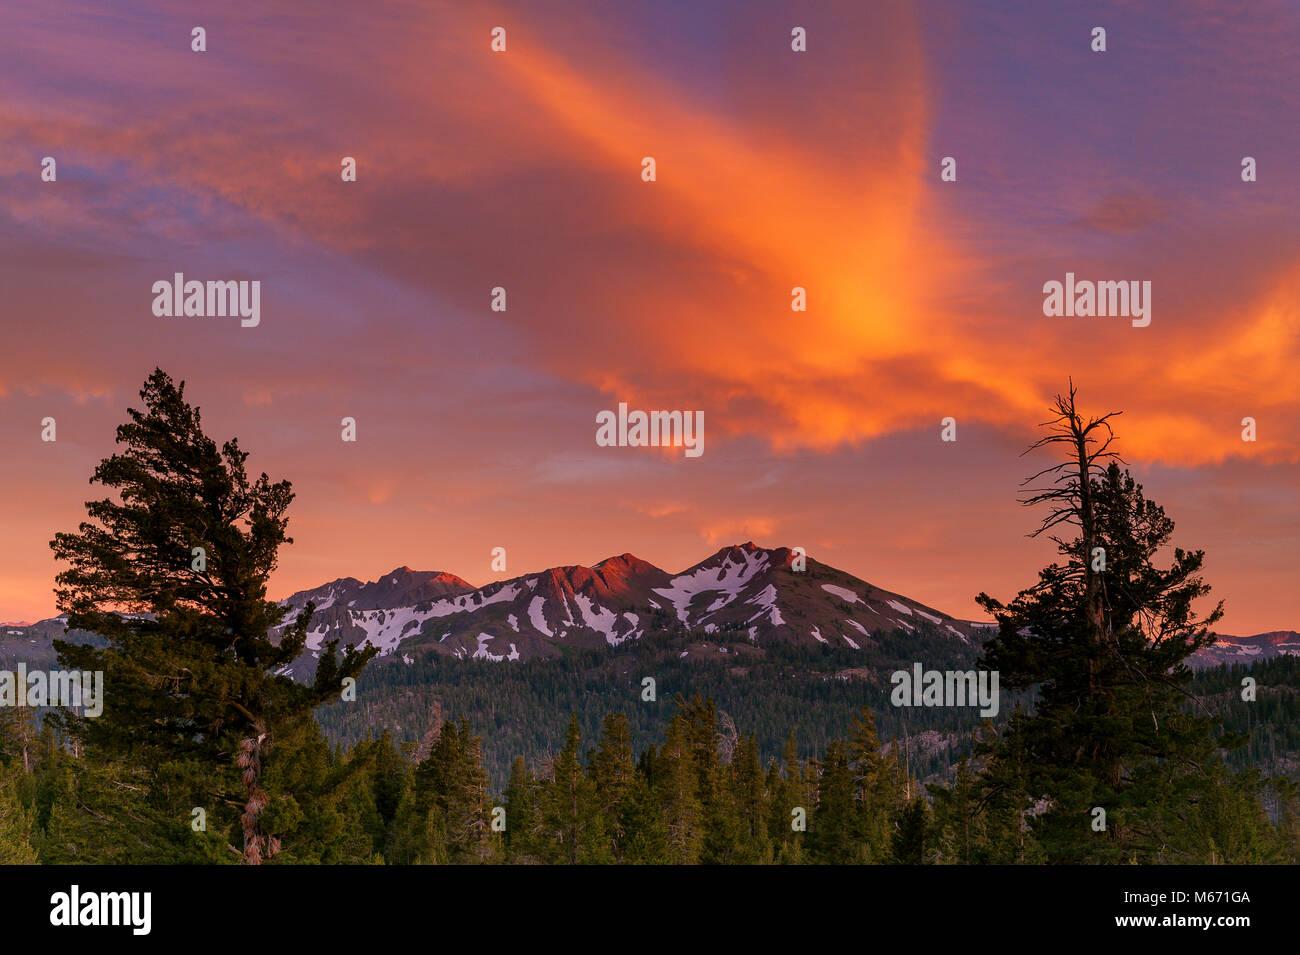 Sunset, Folger Peak, Carson-Iceberg Wilderness, Stanislaus National Forest, Sierra Nevada, California - Stock Image